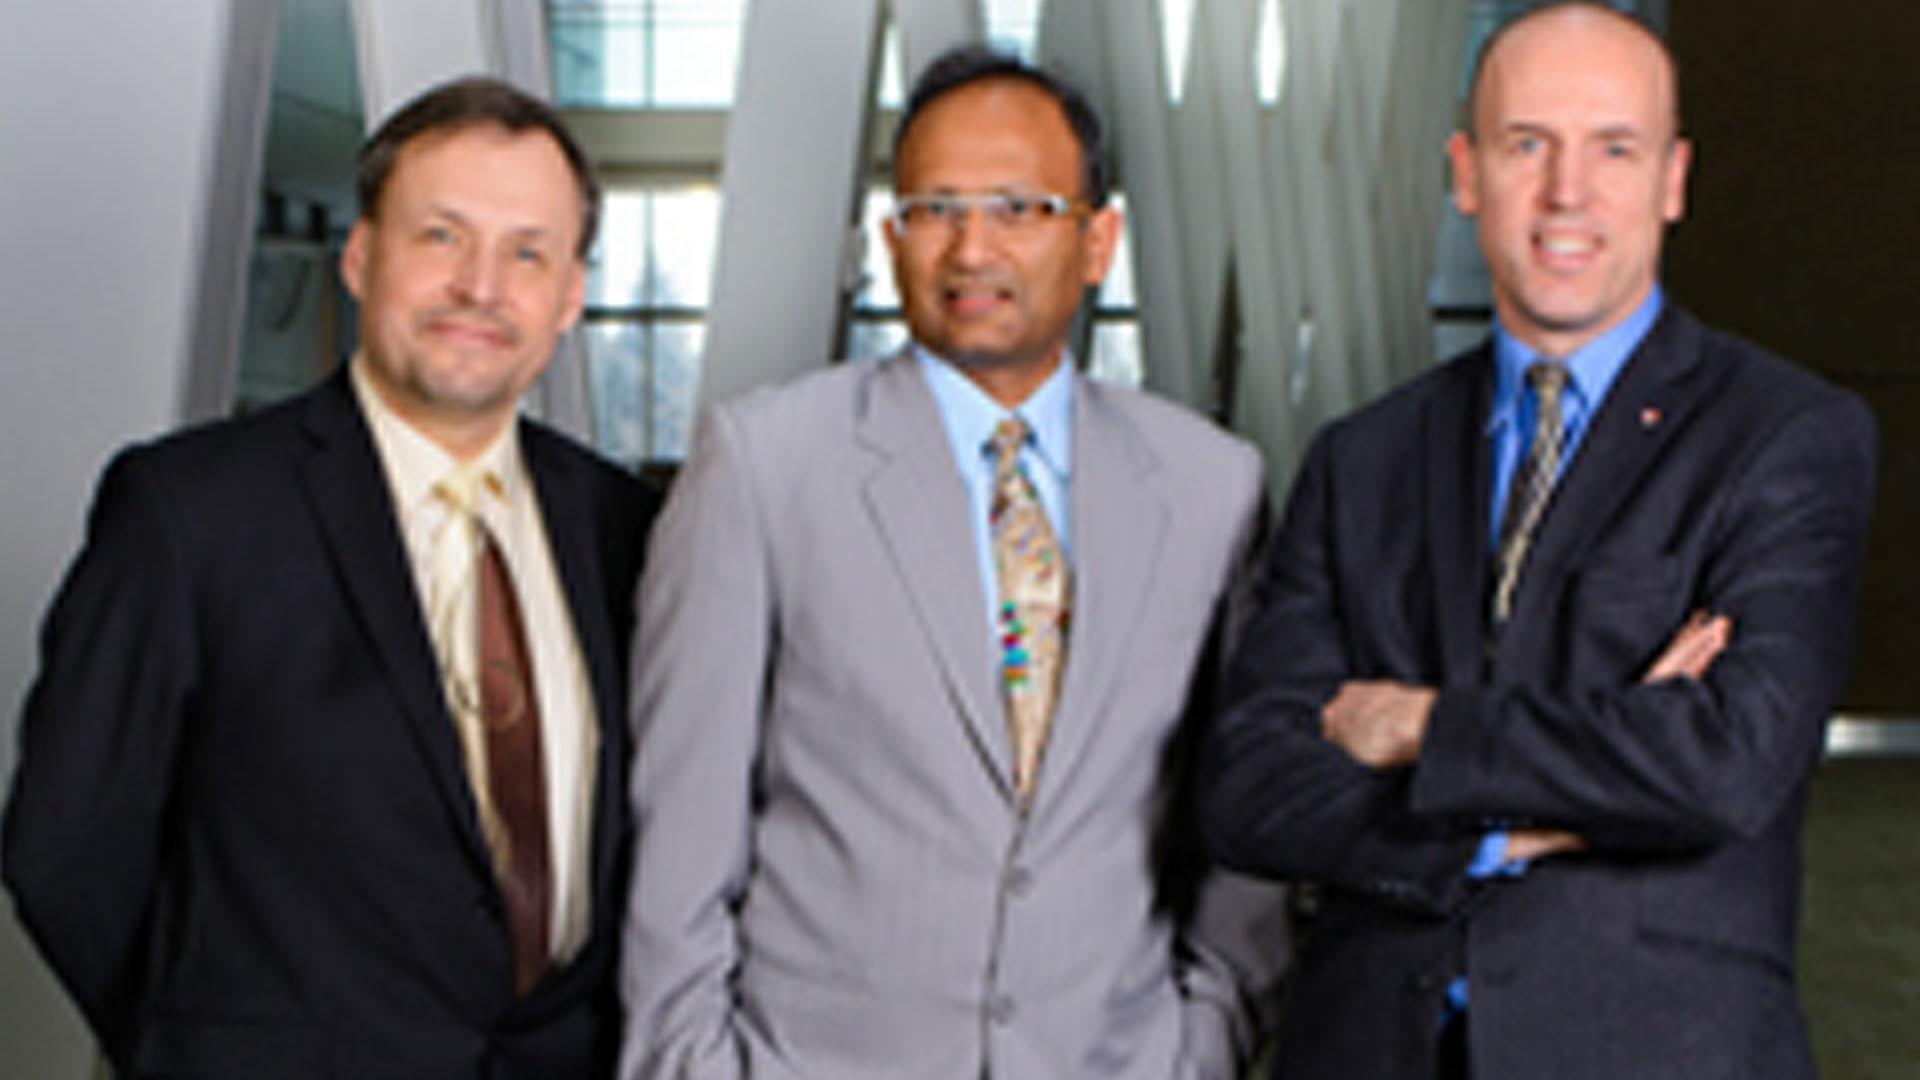 De gauche à droite, le Dr Andrew Demchuk, le Dr Mayank Goyal, le Dr Michael Hill